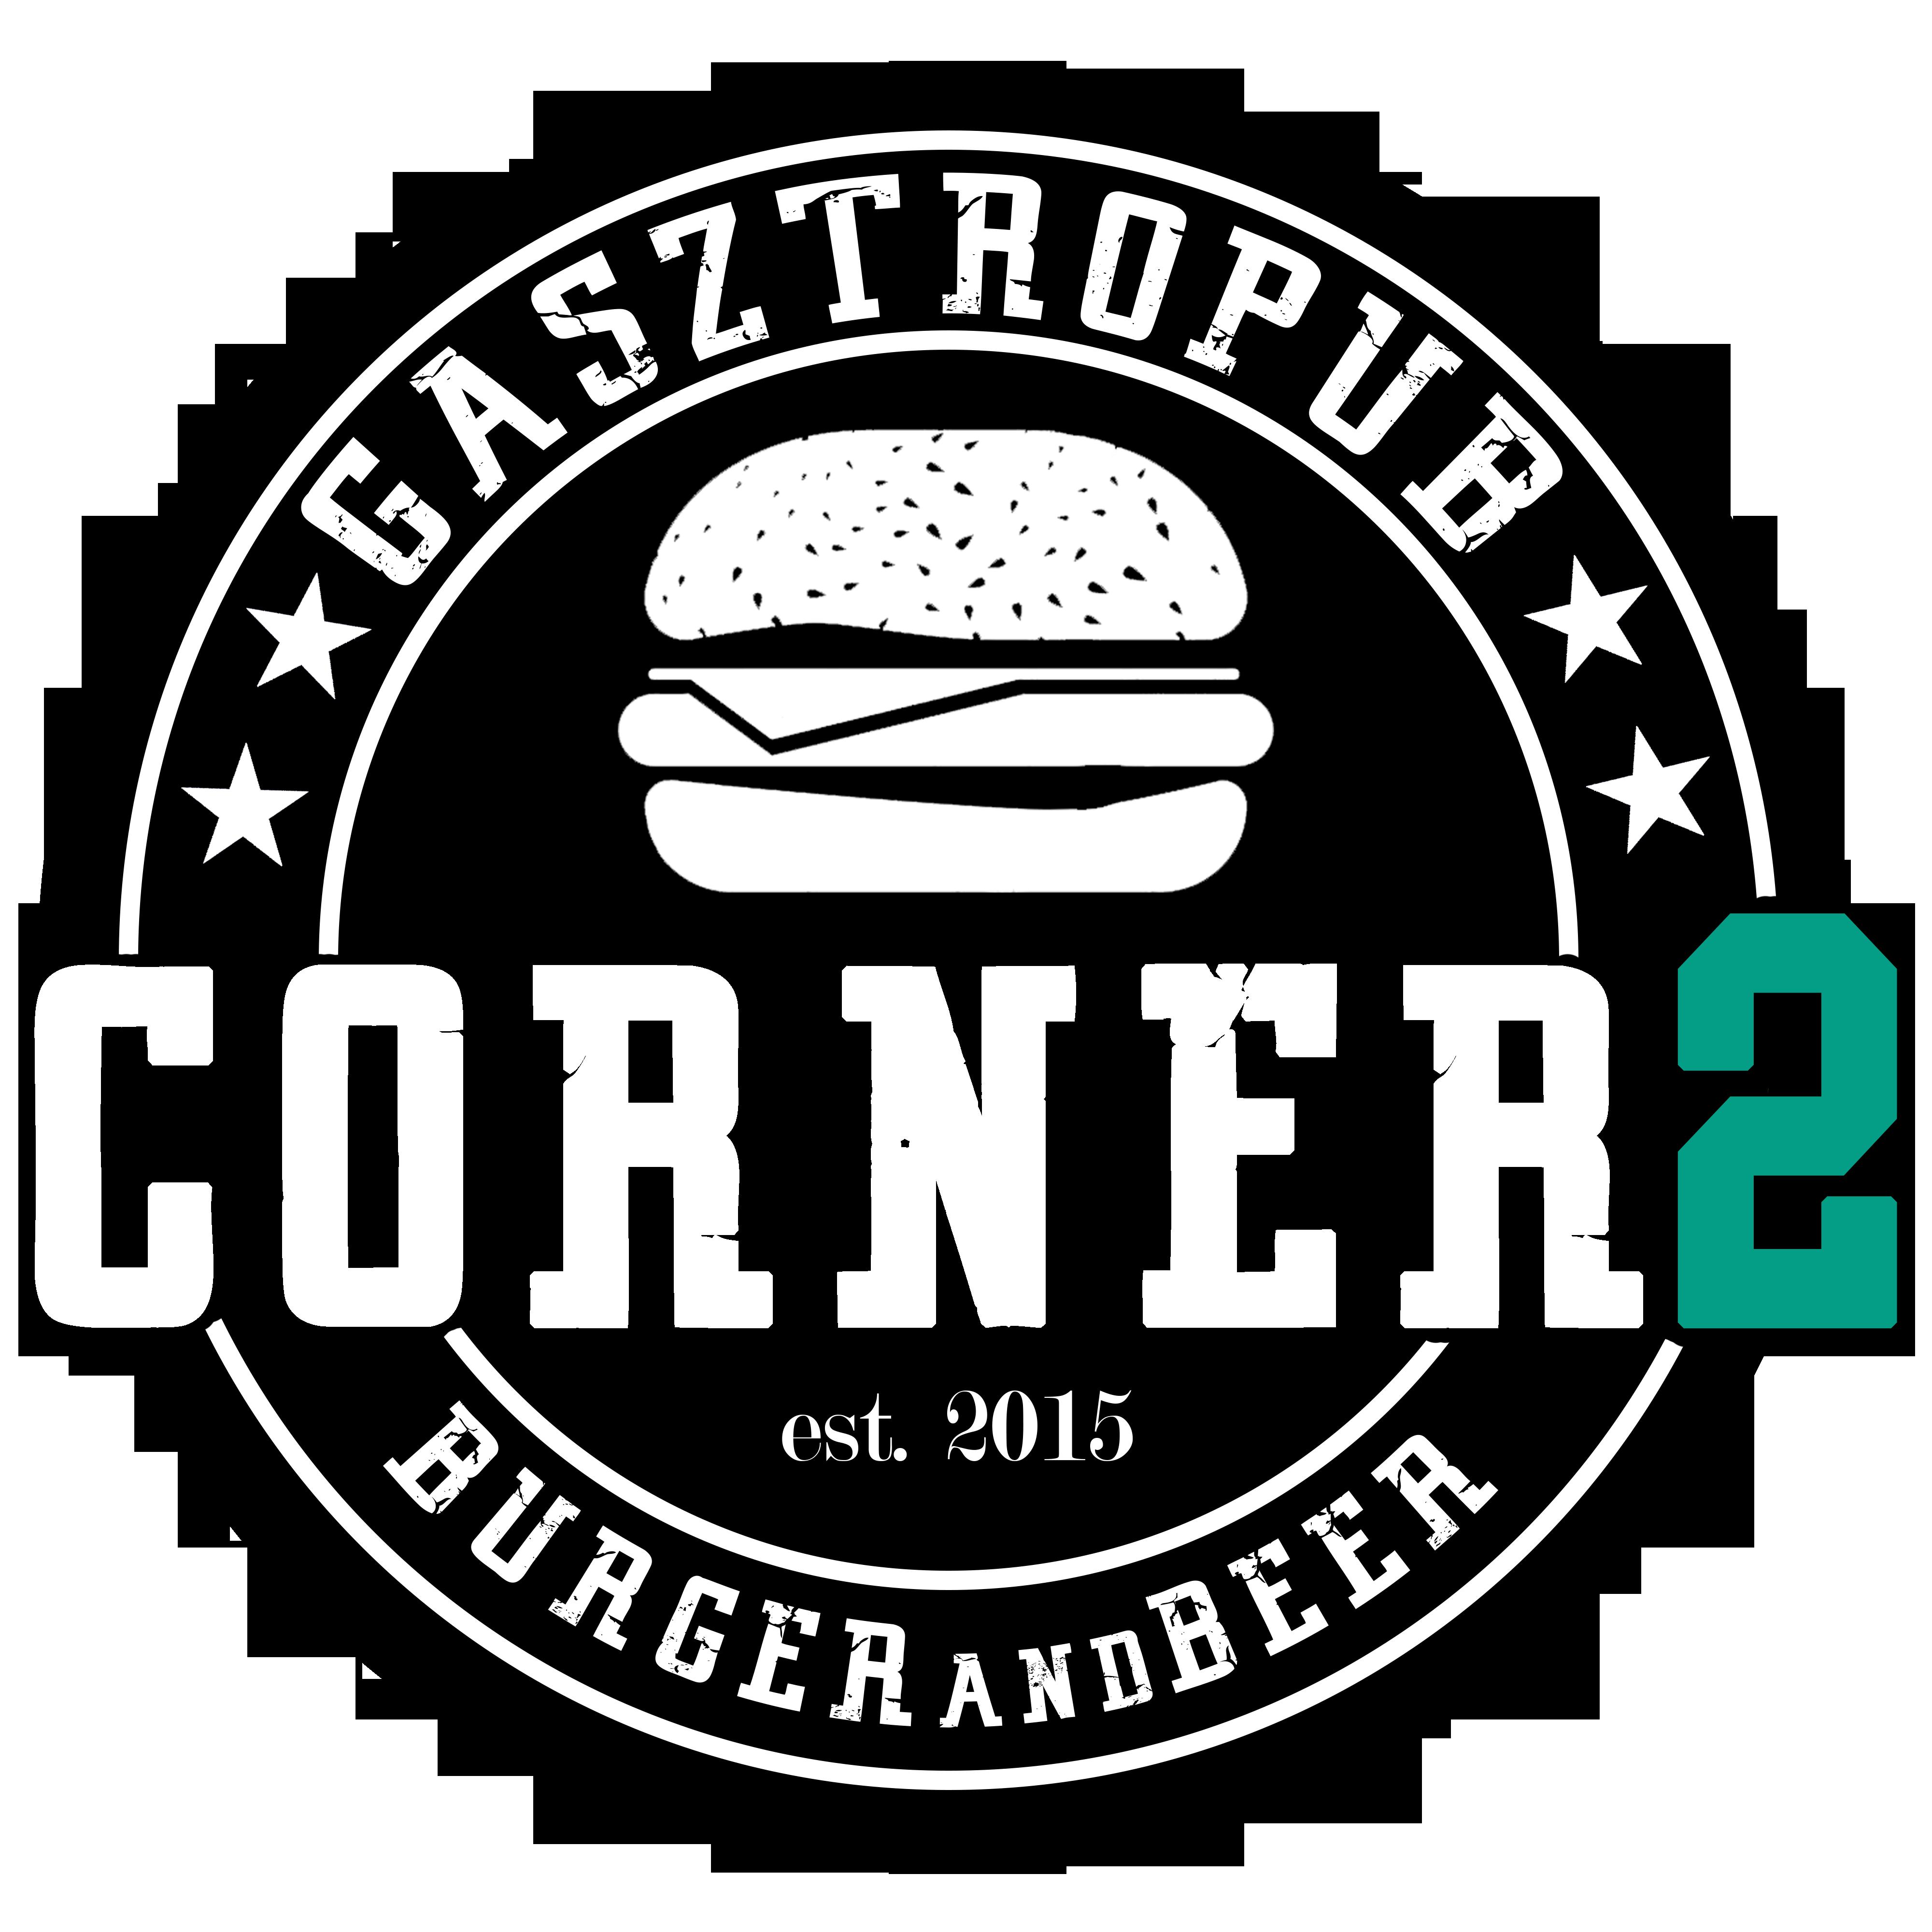 logo_c2hatteres.png (935 KB)